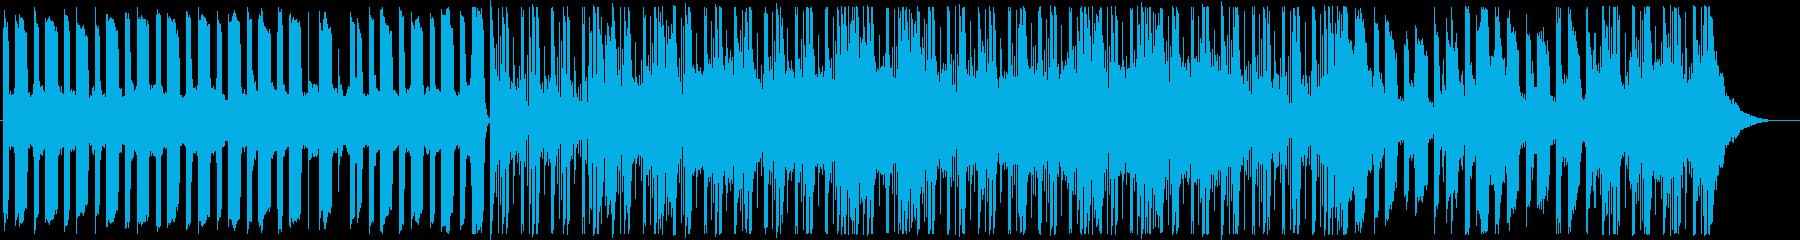 インダストリアル調のサイバーなBGMの再生済みの波形